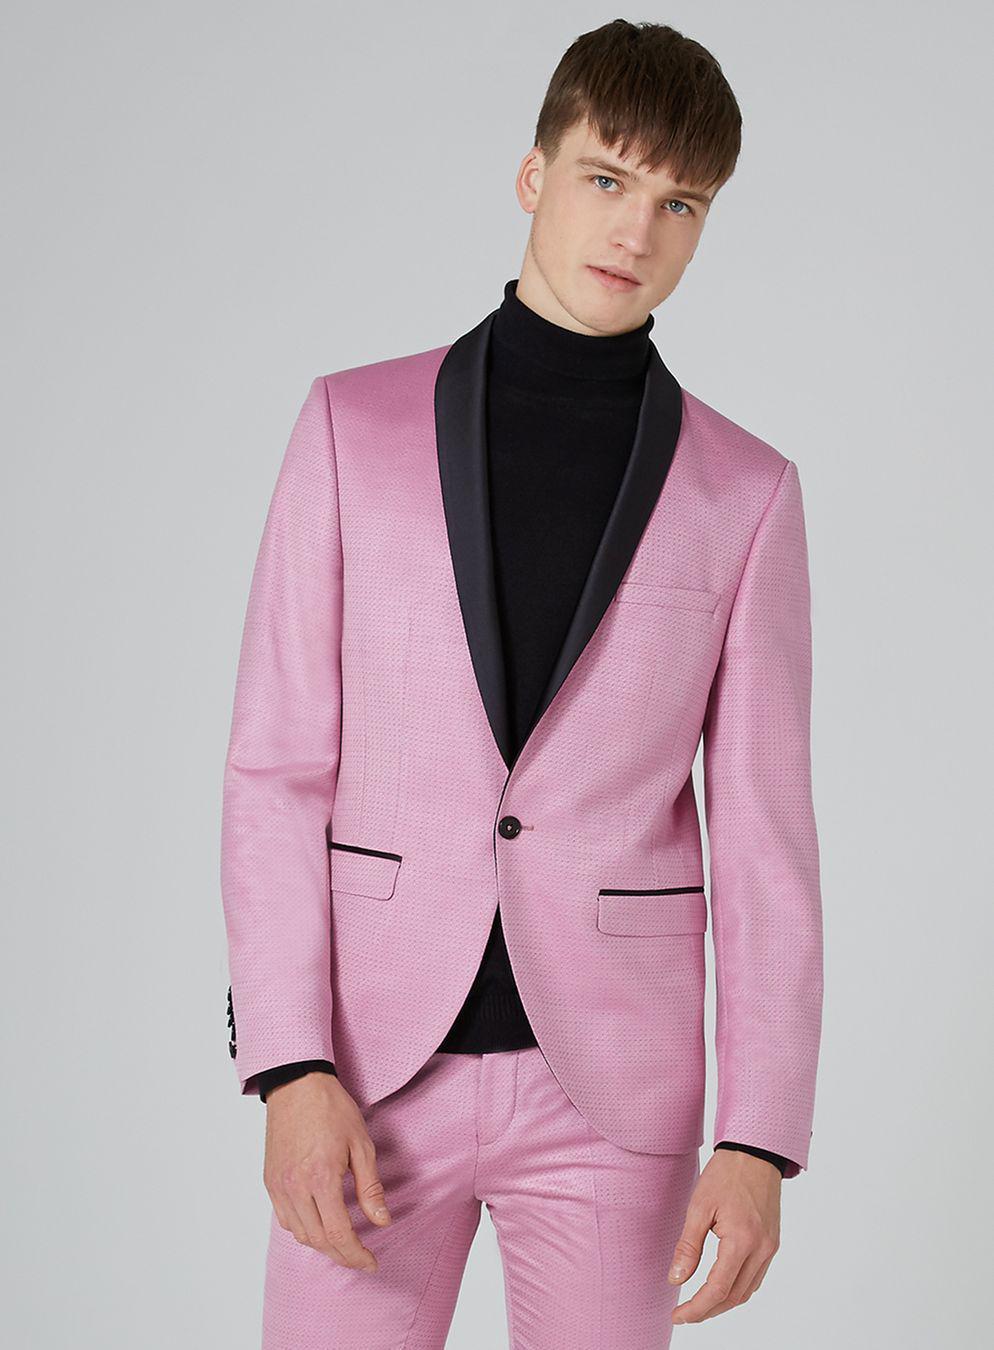 Lyst - Topman Noose & Monkey Pink \'spice\' Tuxedo Blazer in Pink for Men